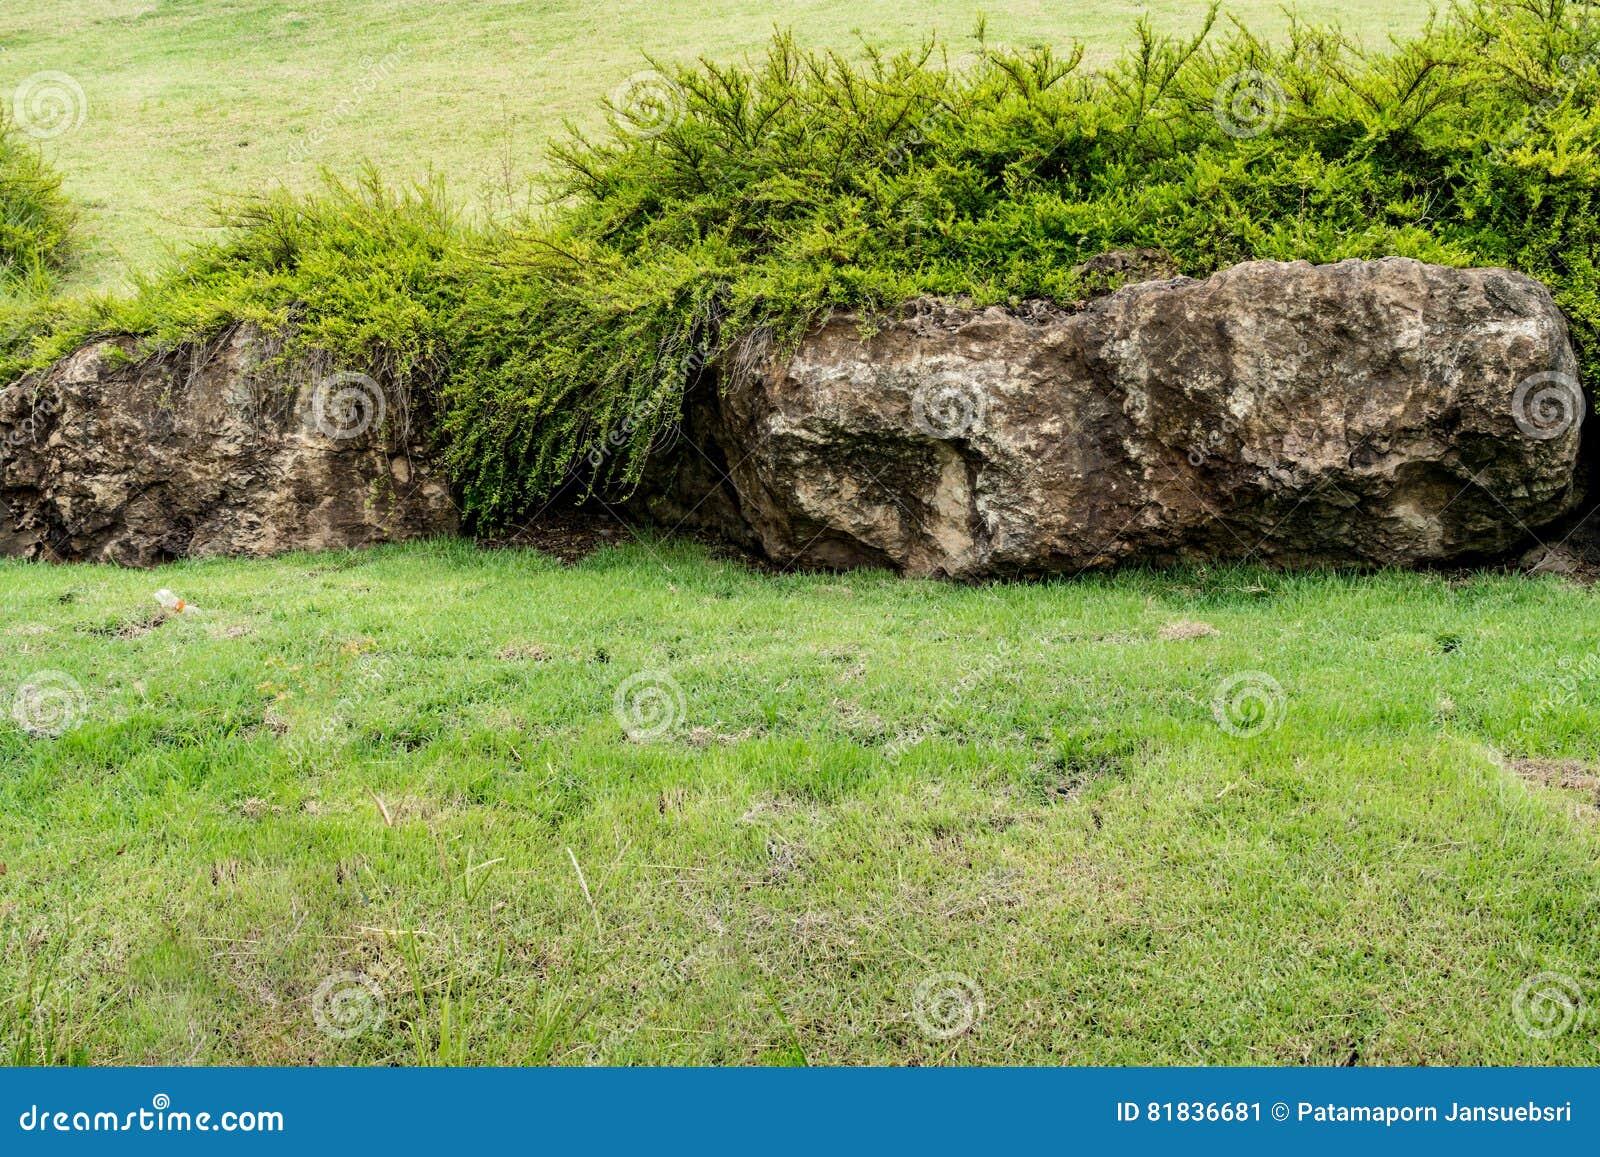 Grosse Steine Im Garten Stockbild Bild Von Nave Grun 81836681